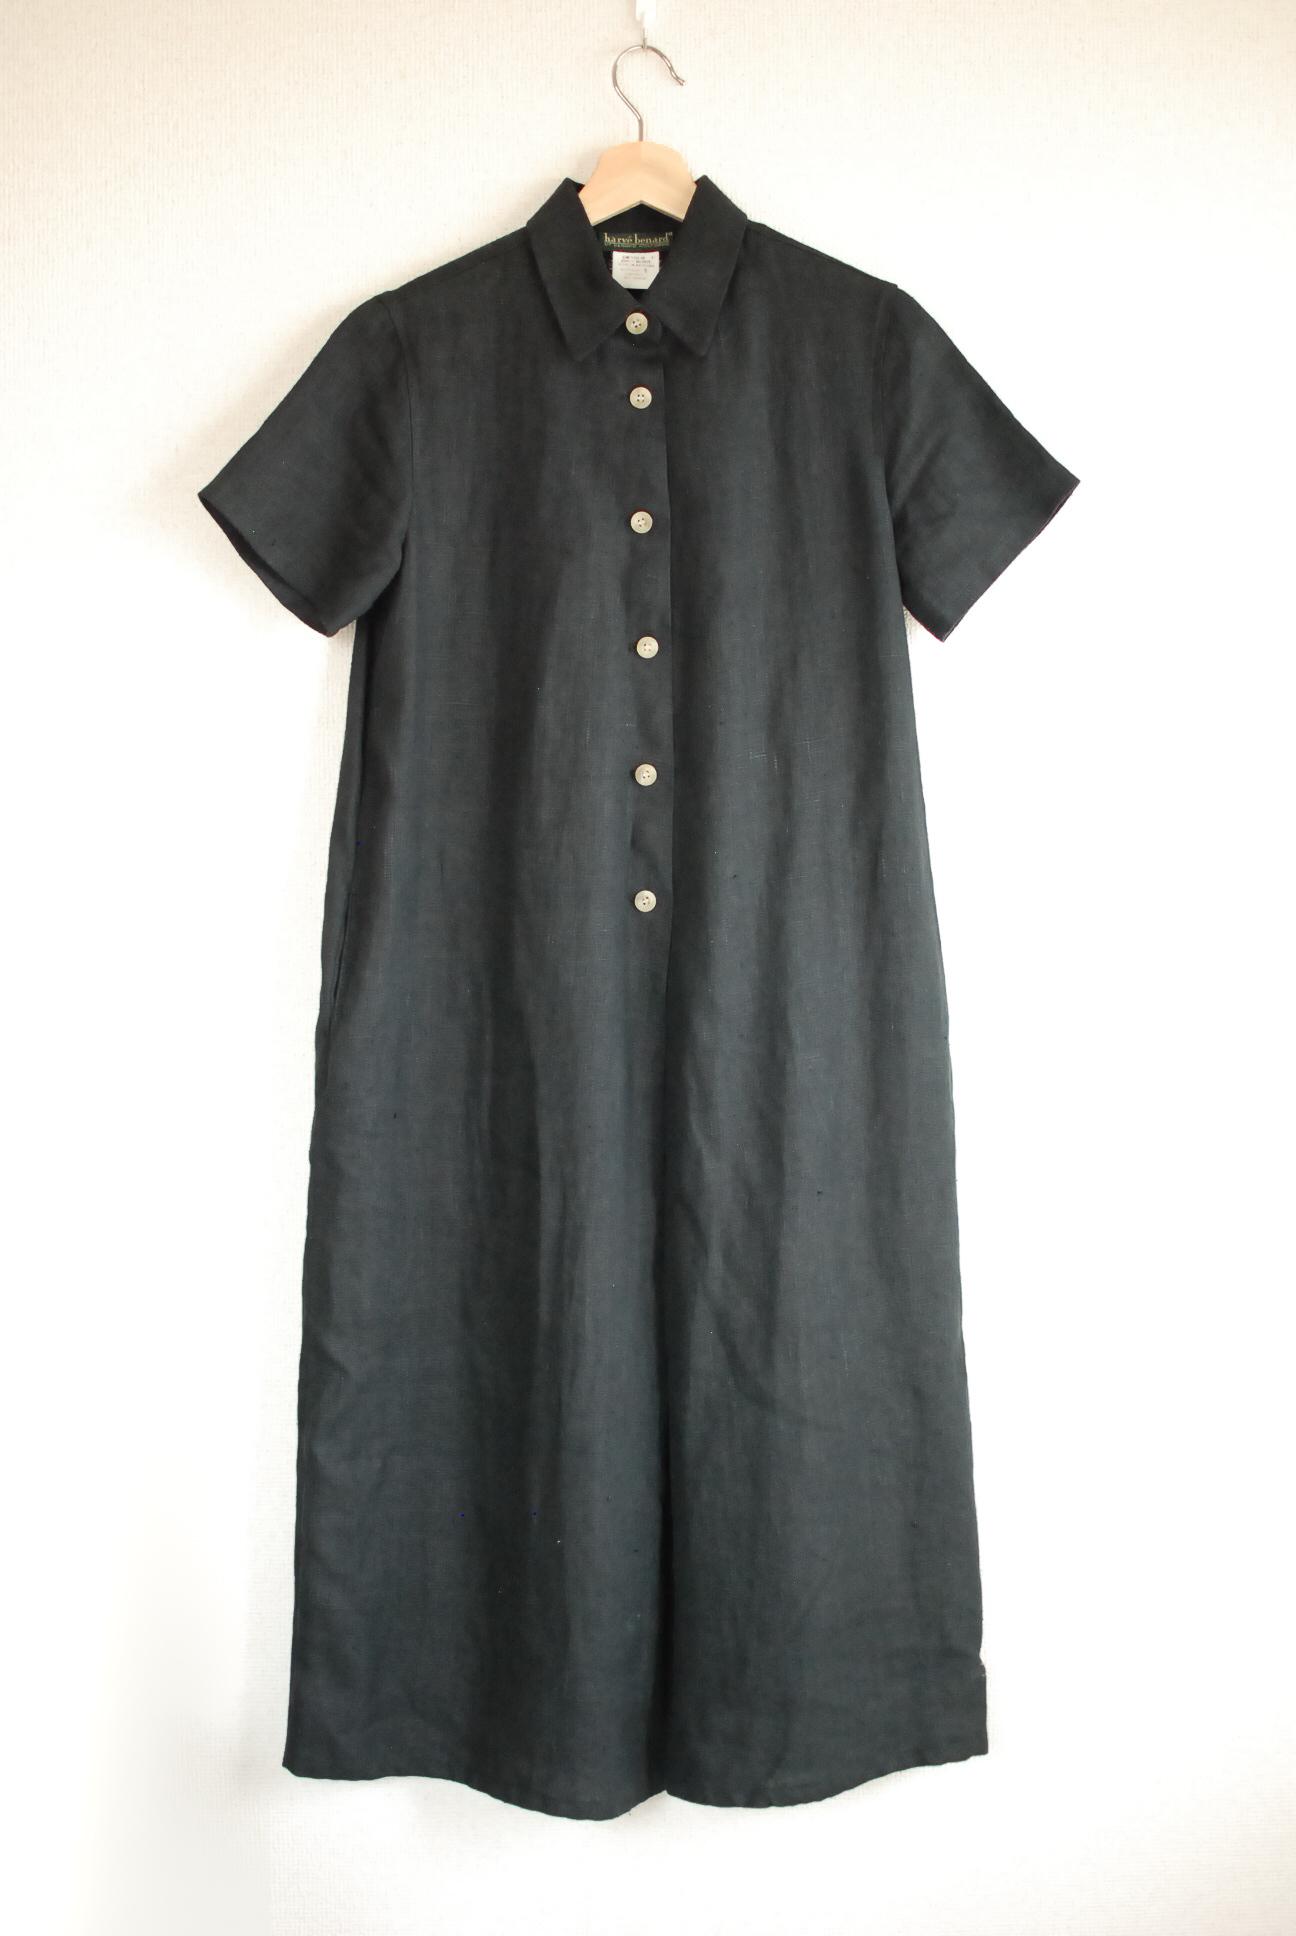 【WOMEN'S】Used Black Linen One Piece Dress